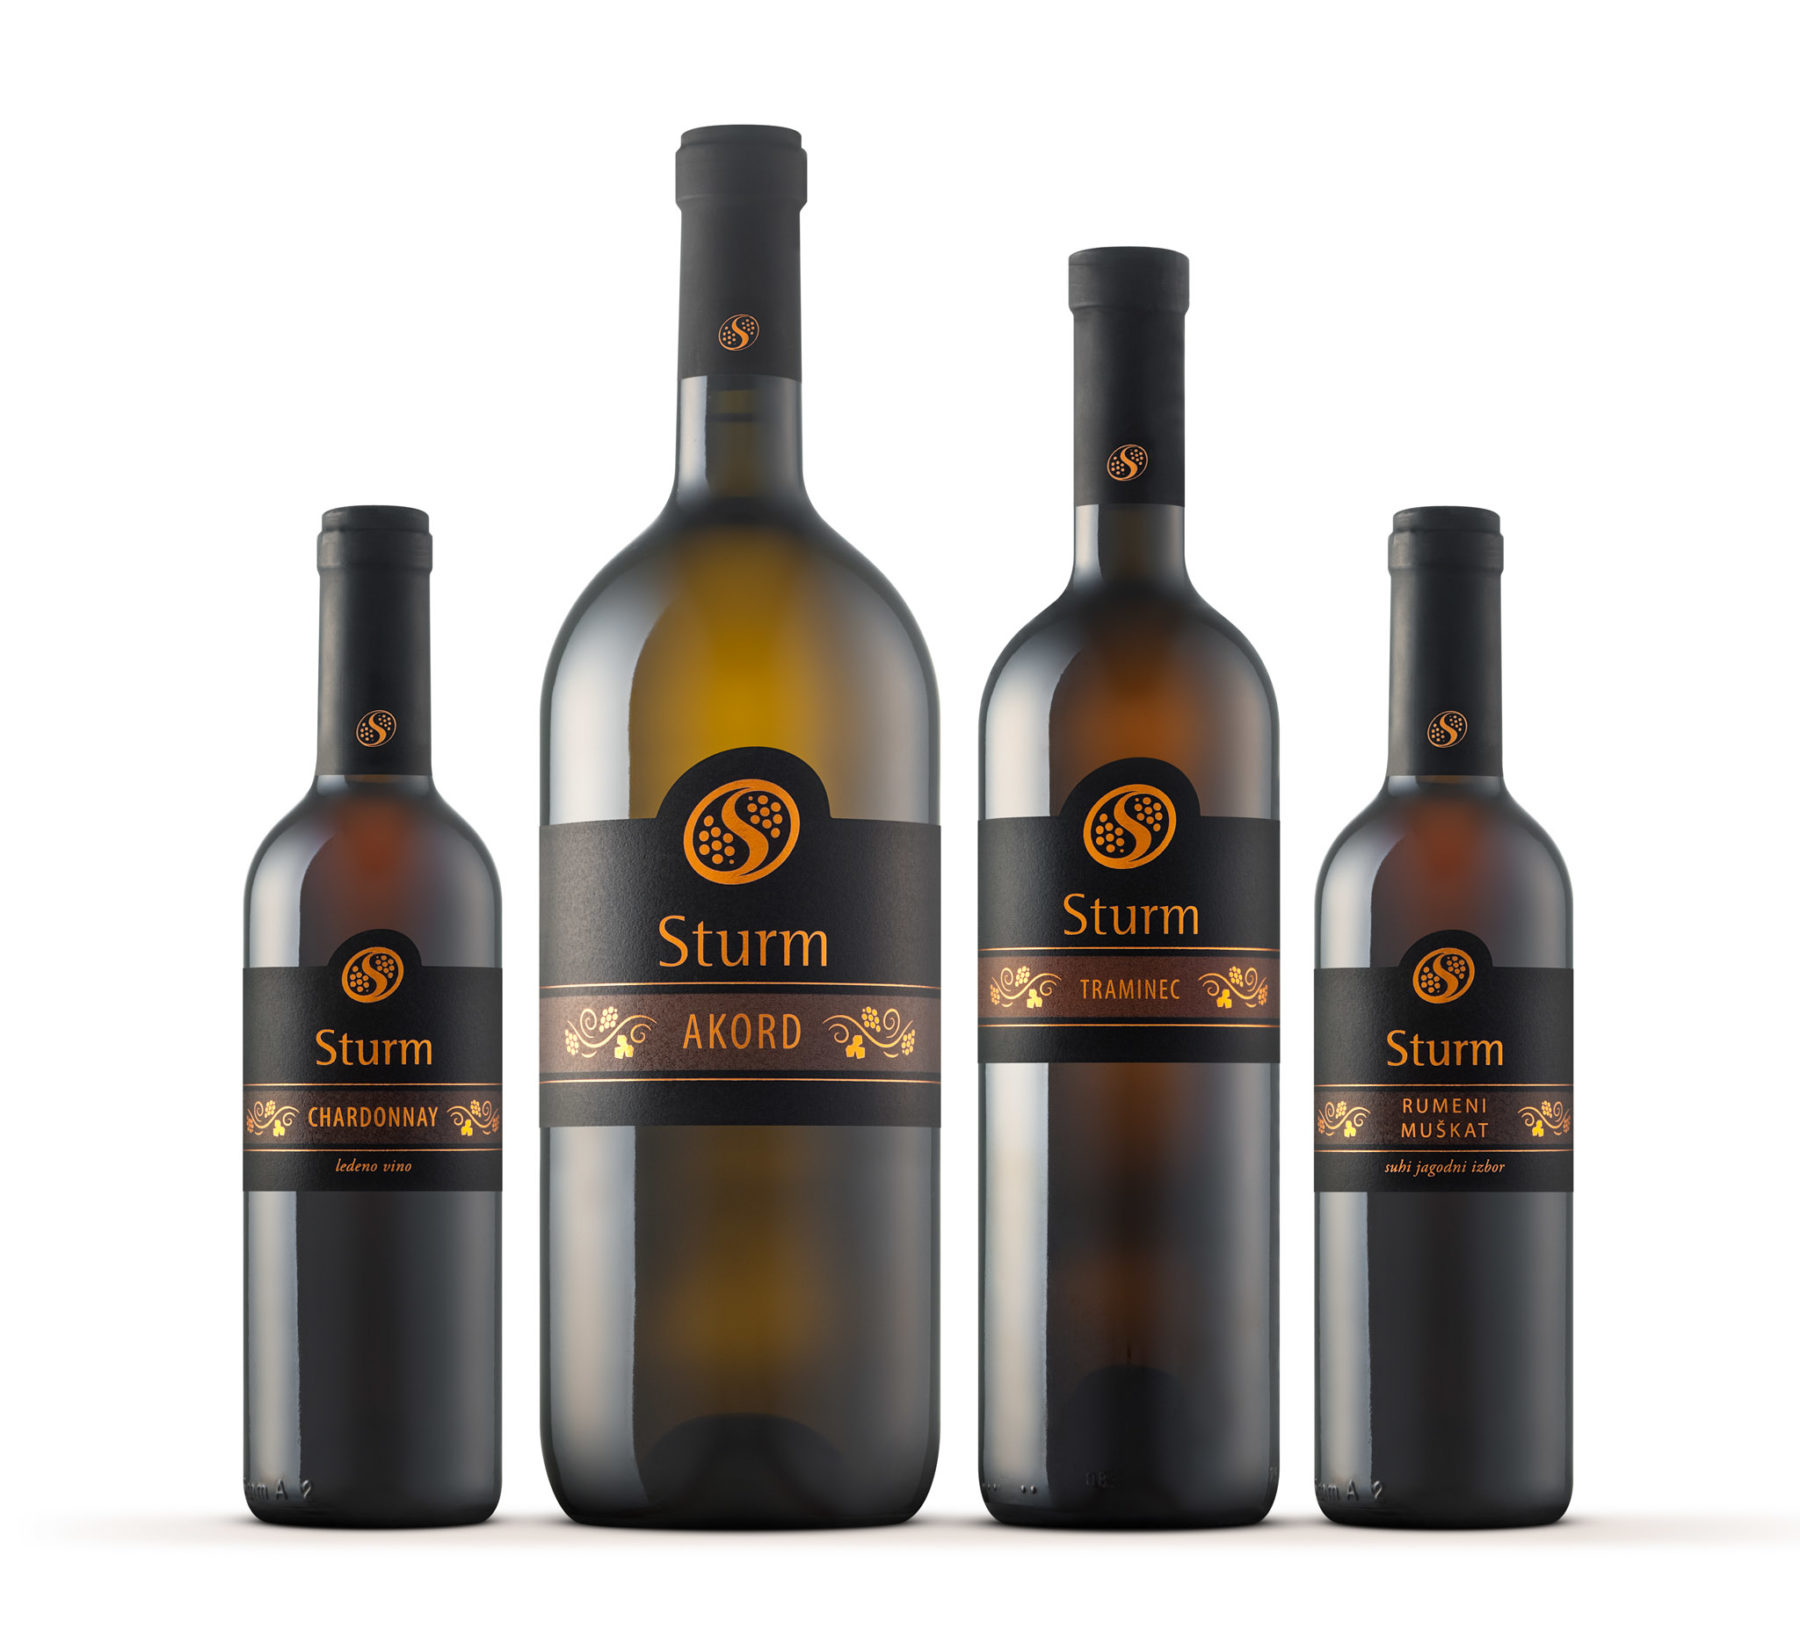 Sturm (Šturm) - nekaj vin tako imenovane Zlate kolekcije · Naročnik: Otmar Šturm, Metlika · Fotografija steklenic: Primož Brankovič · 2016· Več o našem fotografiranju steklenic: www.bottleshooters.eu